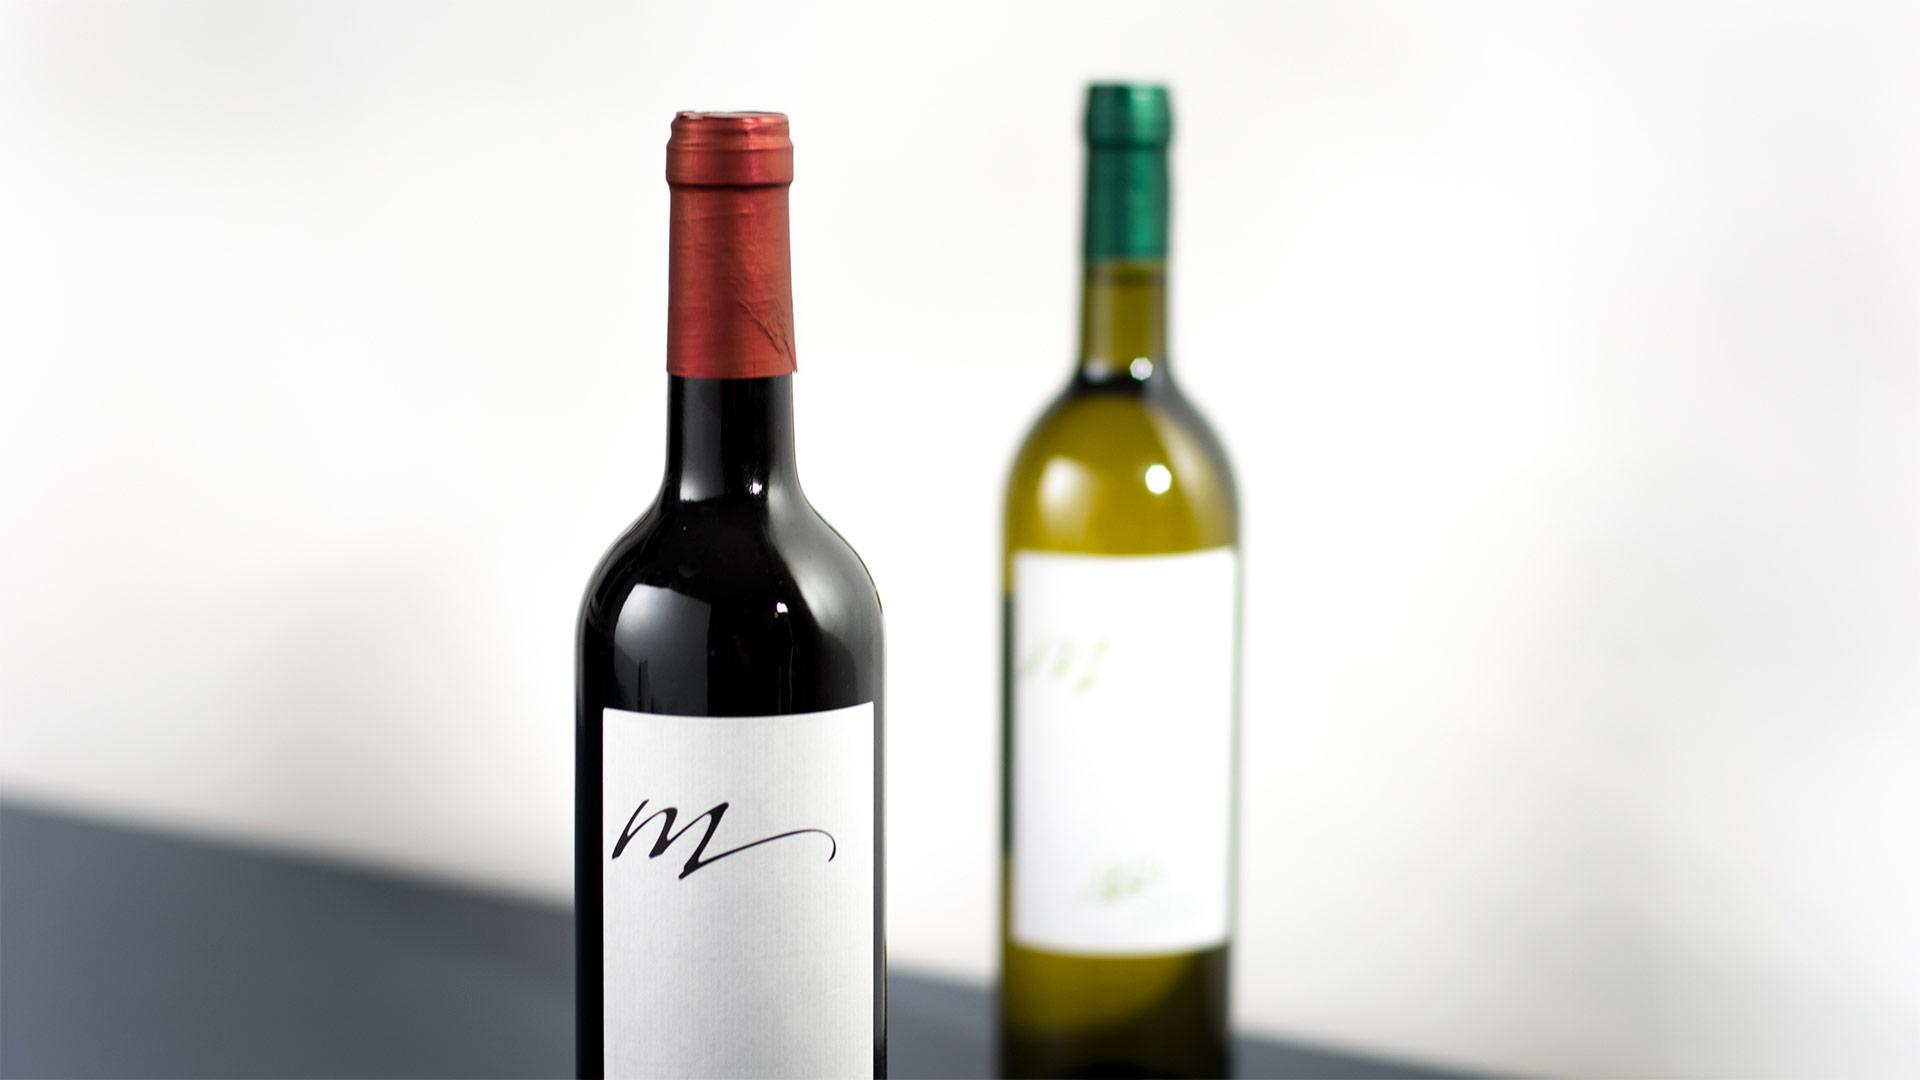 eqiupe-visuelle-luzern-emmenbruecke-mattarana-wein-olivenoel-etiketten-gestaltung-produkte-design